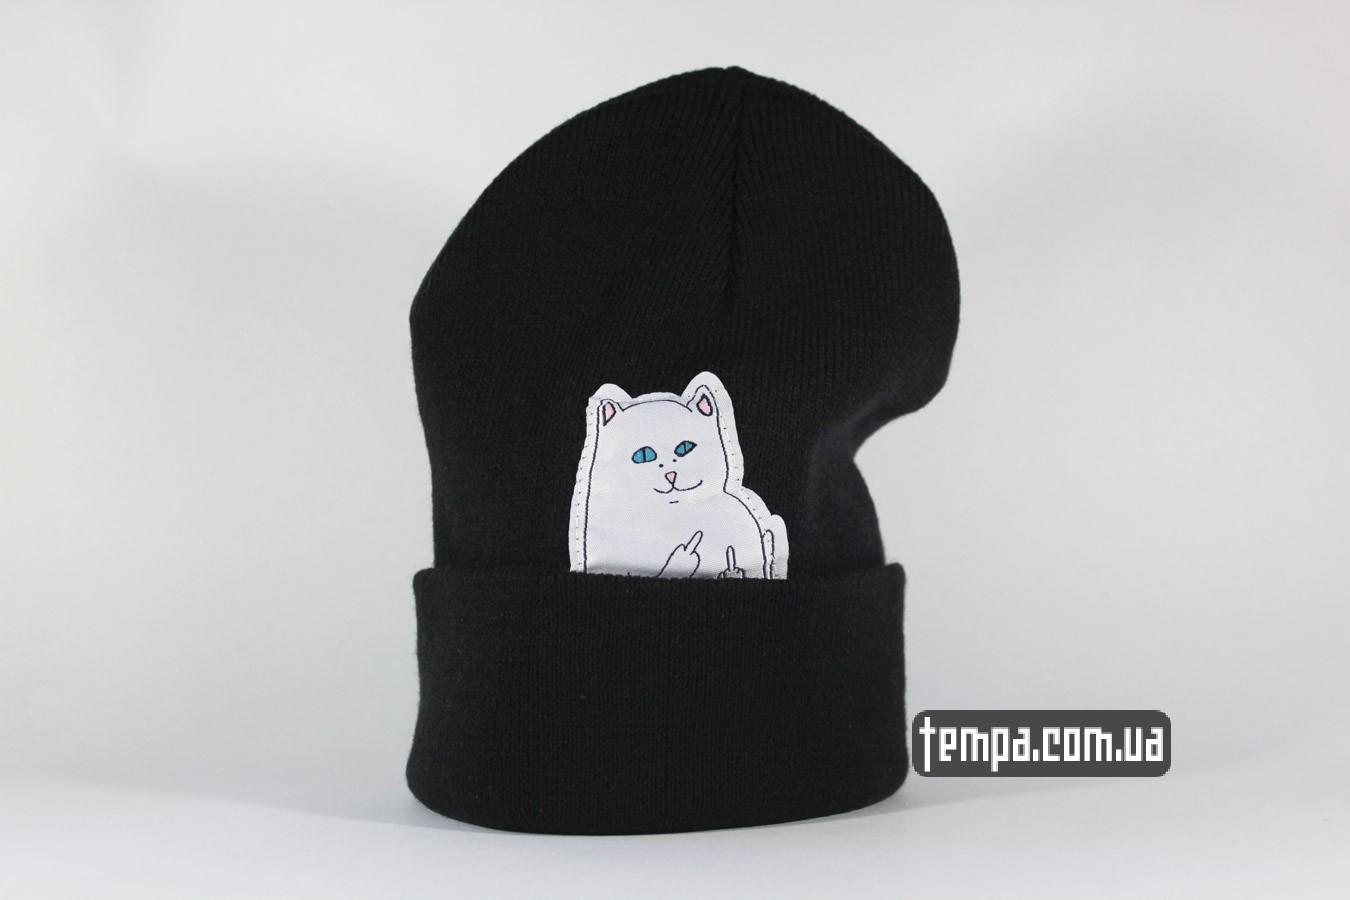 Купить шапка с котом для